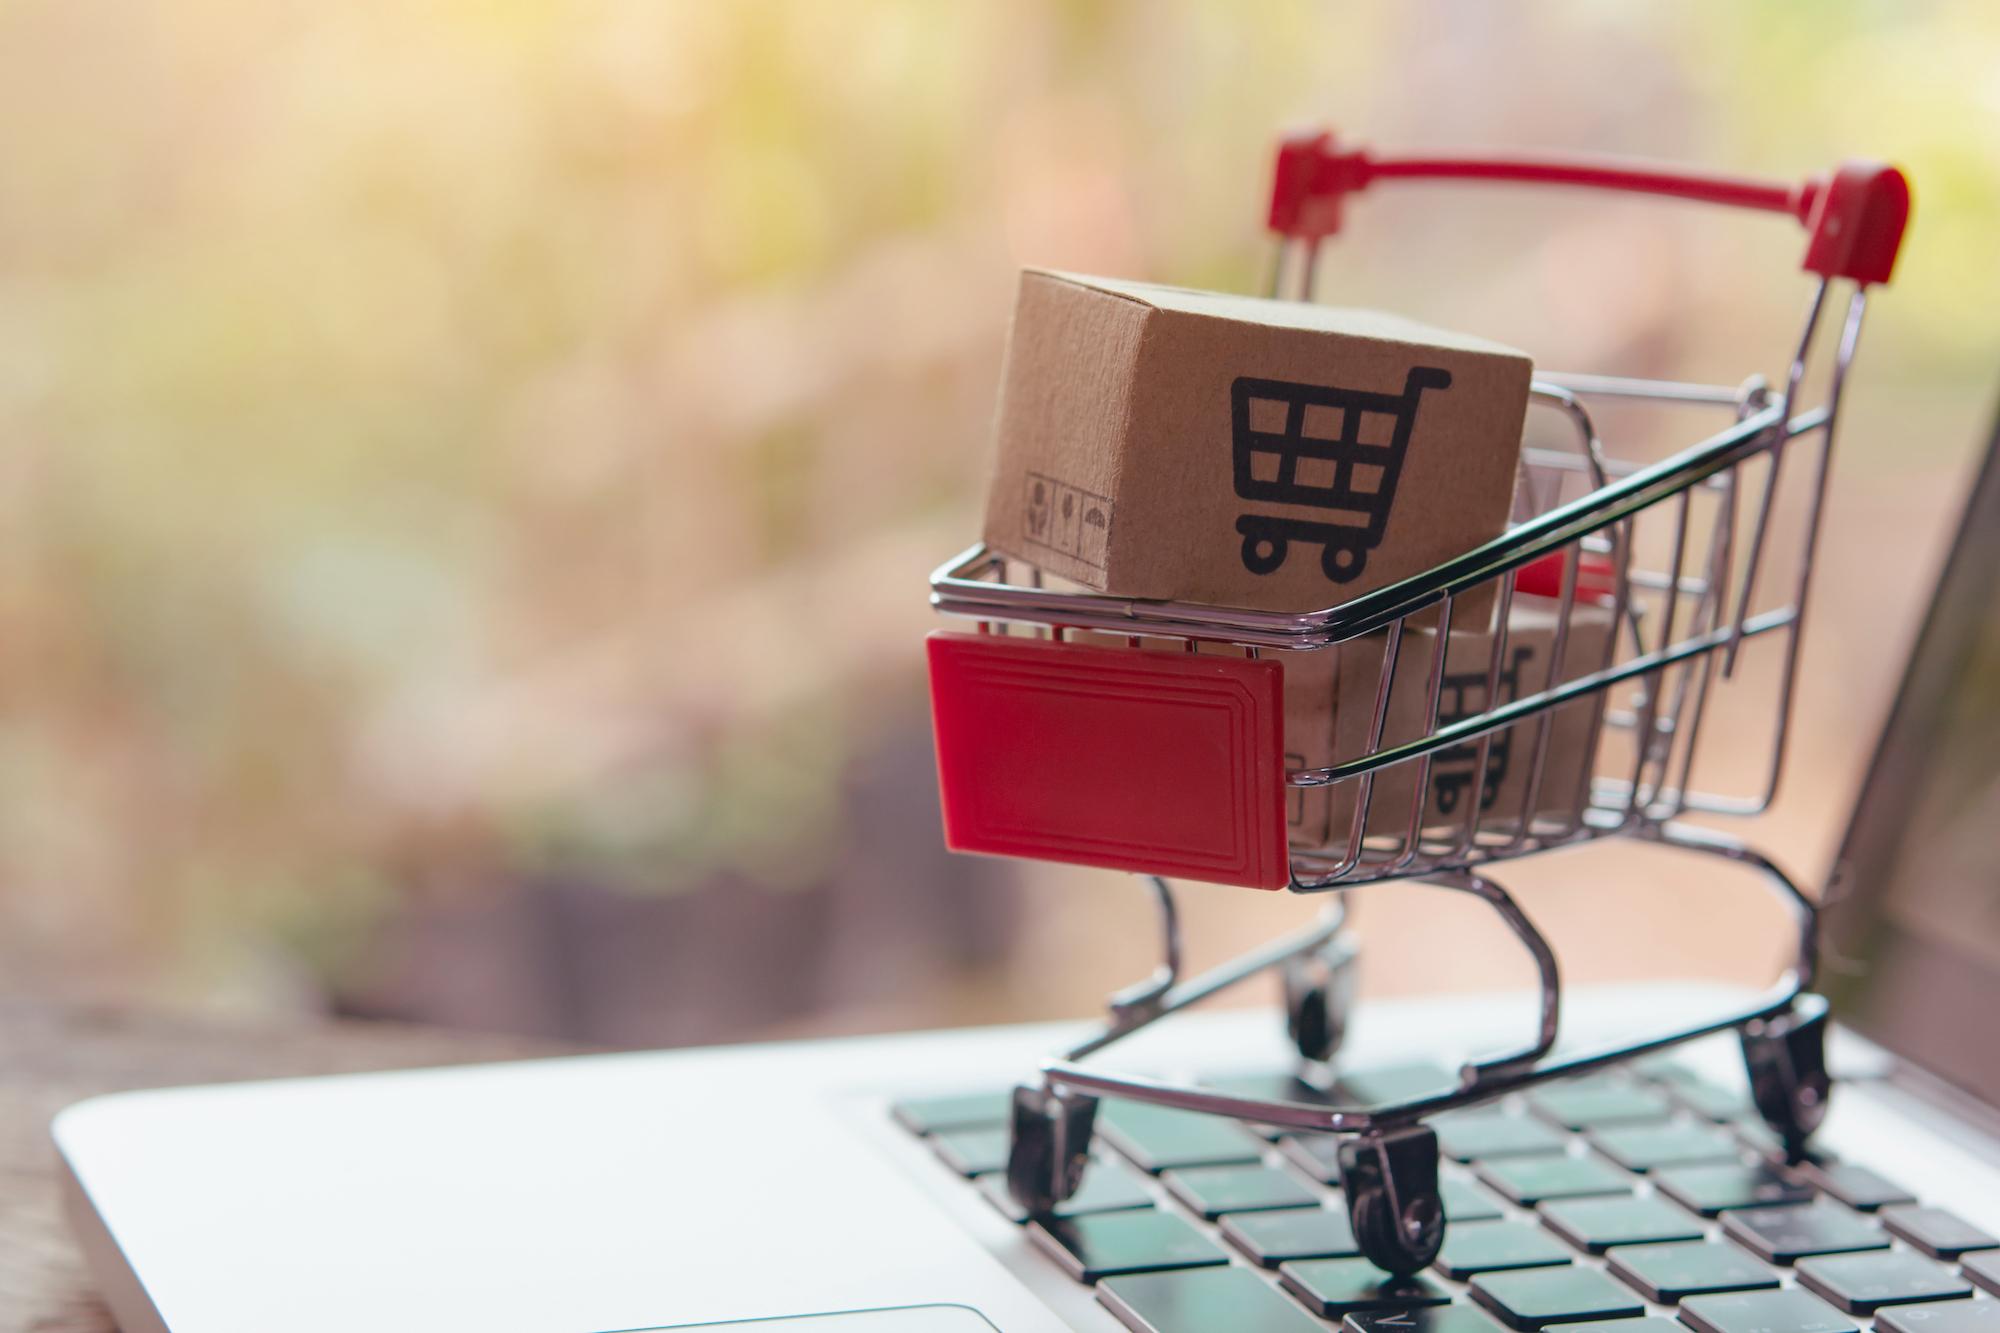 Contratti per l'ecommerce e condizioni di vendita chiare e trasparenti